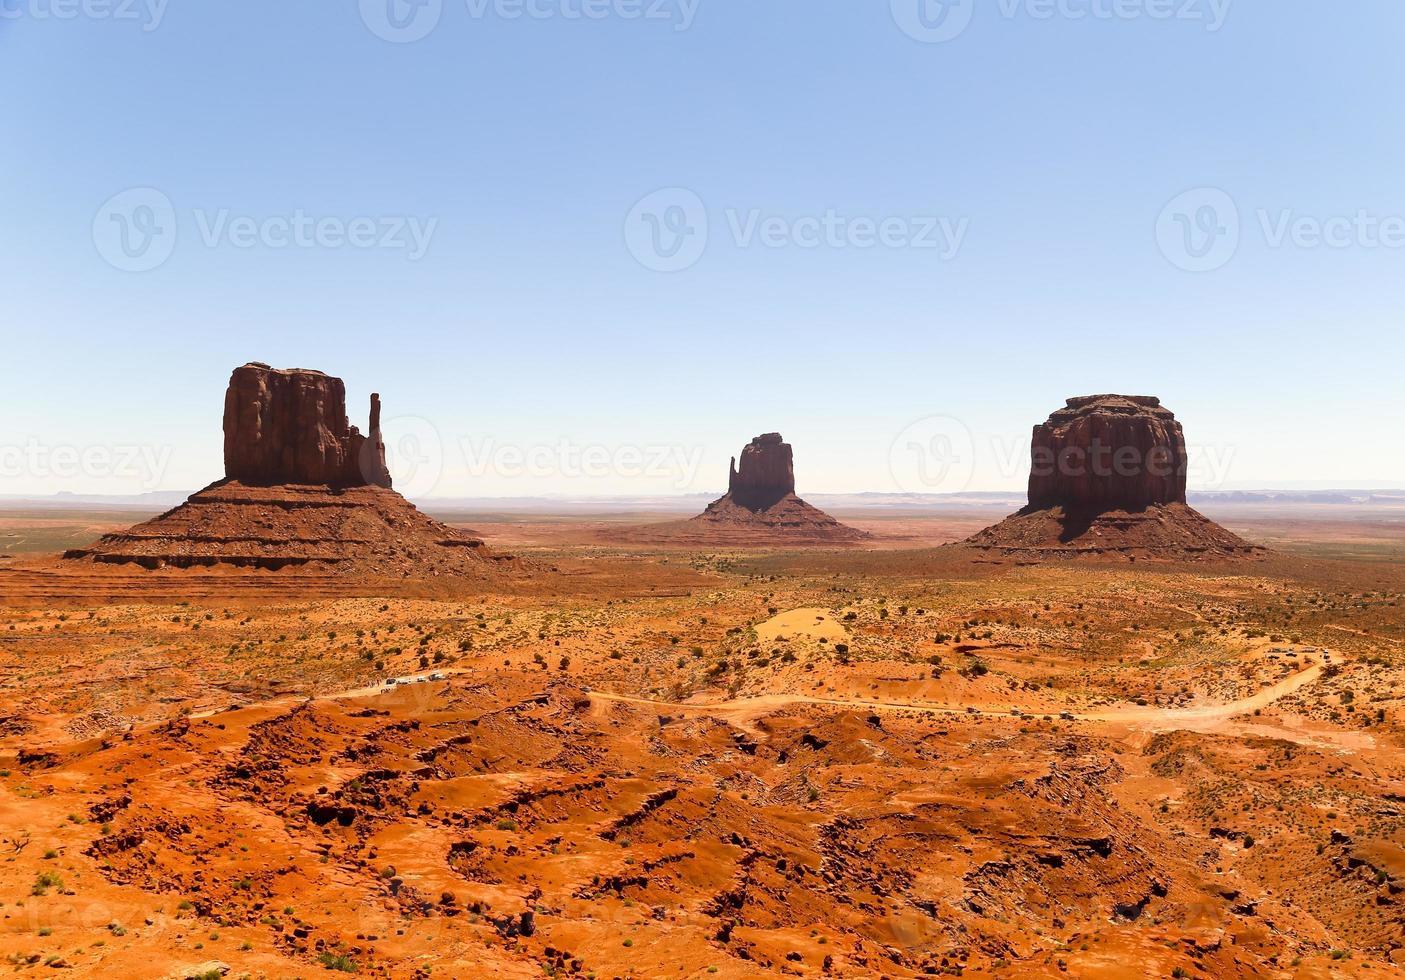 västra landskap foto